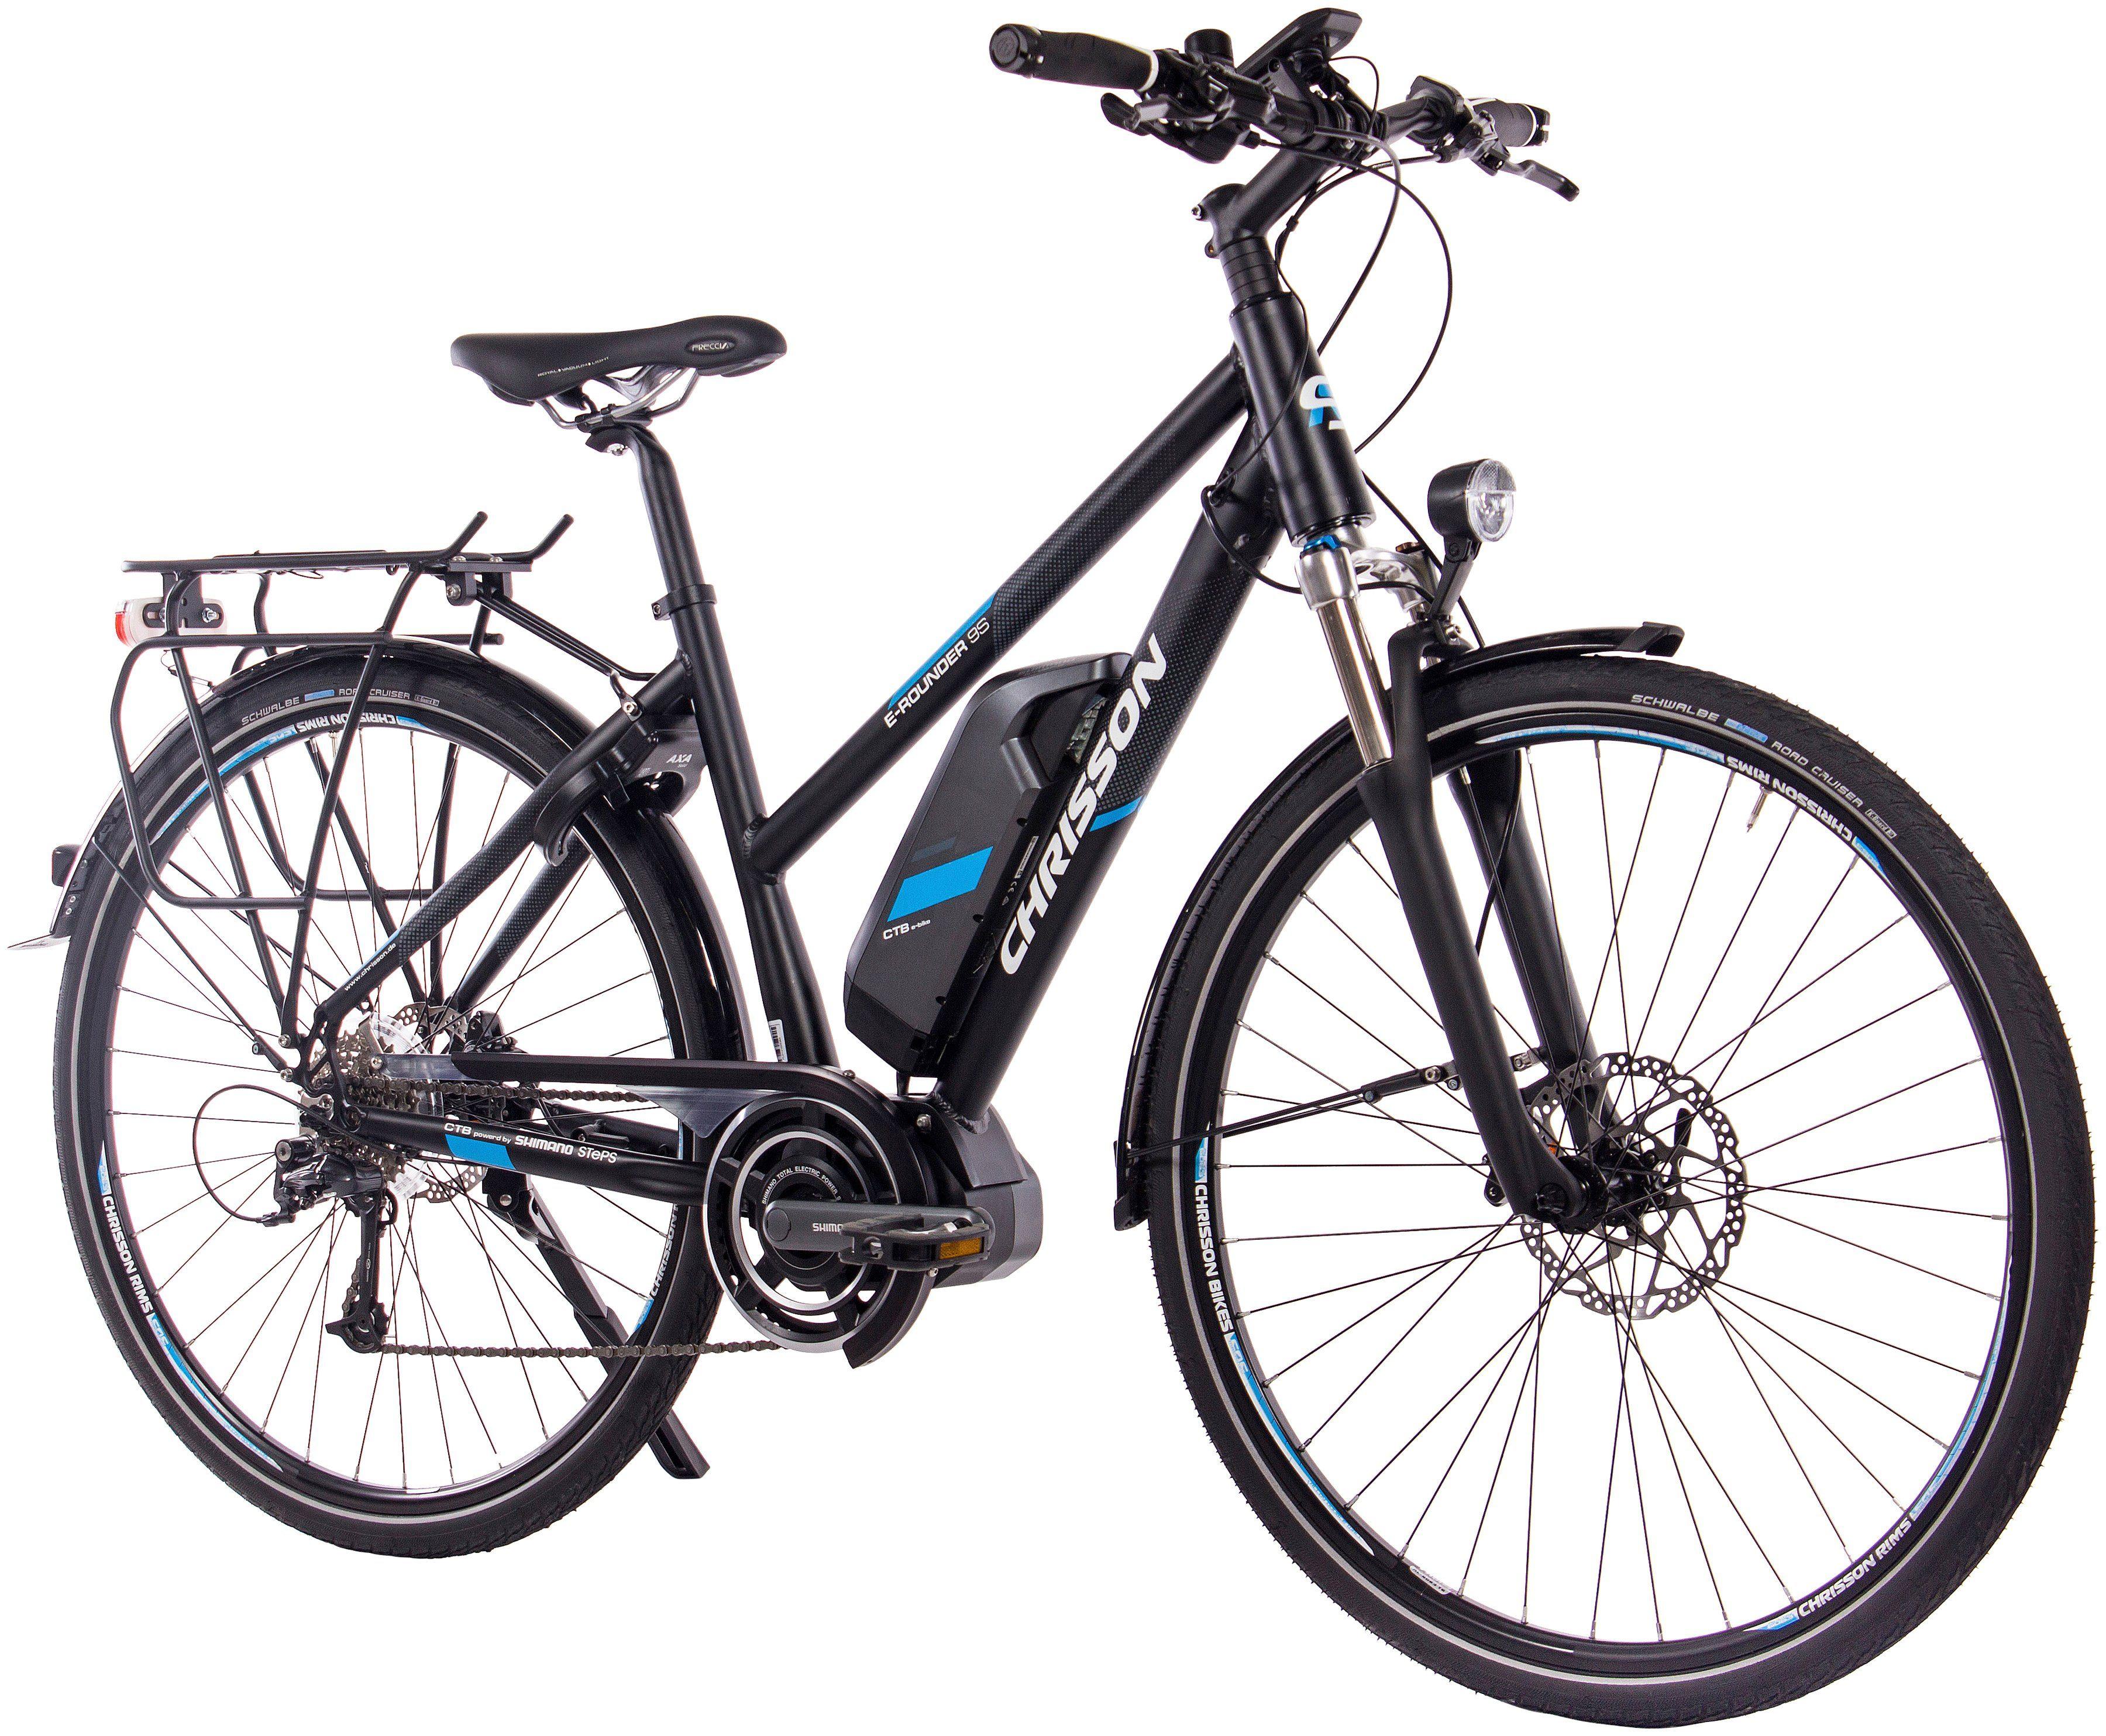 CHRISSON E-Bike Trekking Damen »E-ROUNDER «, 28 Zoll, 9 Gang, Mittelmotor, 418 Wh